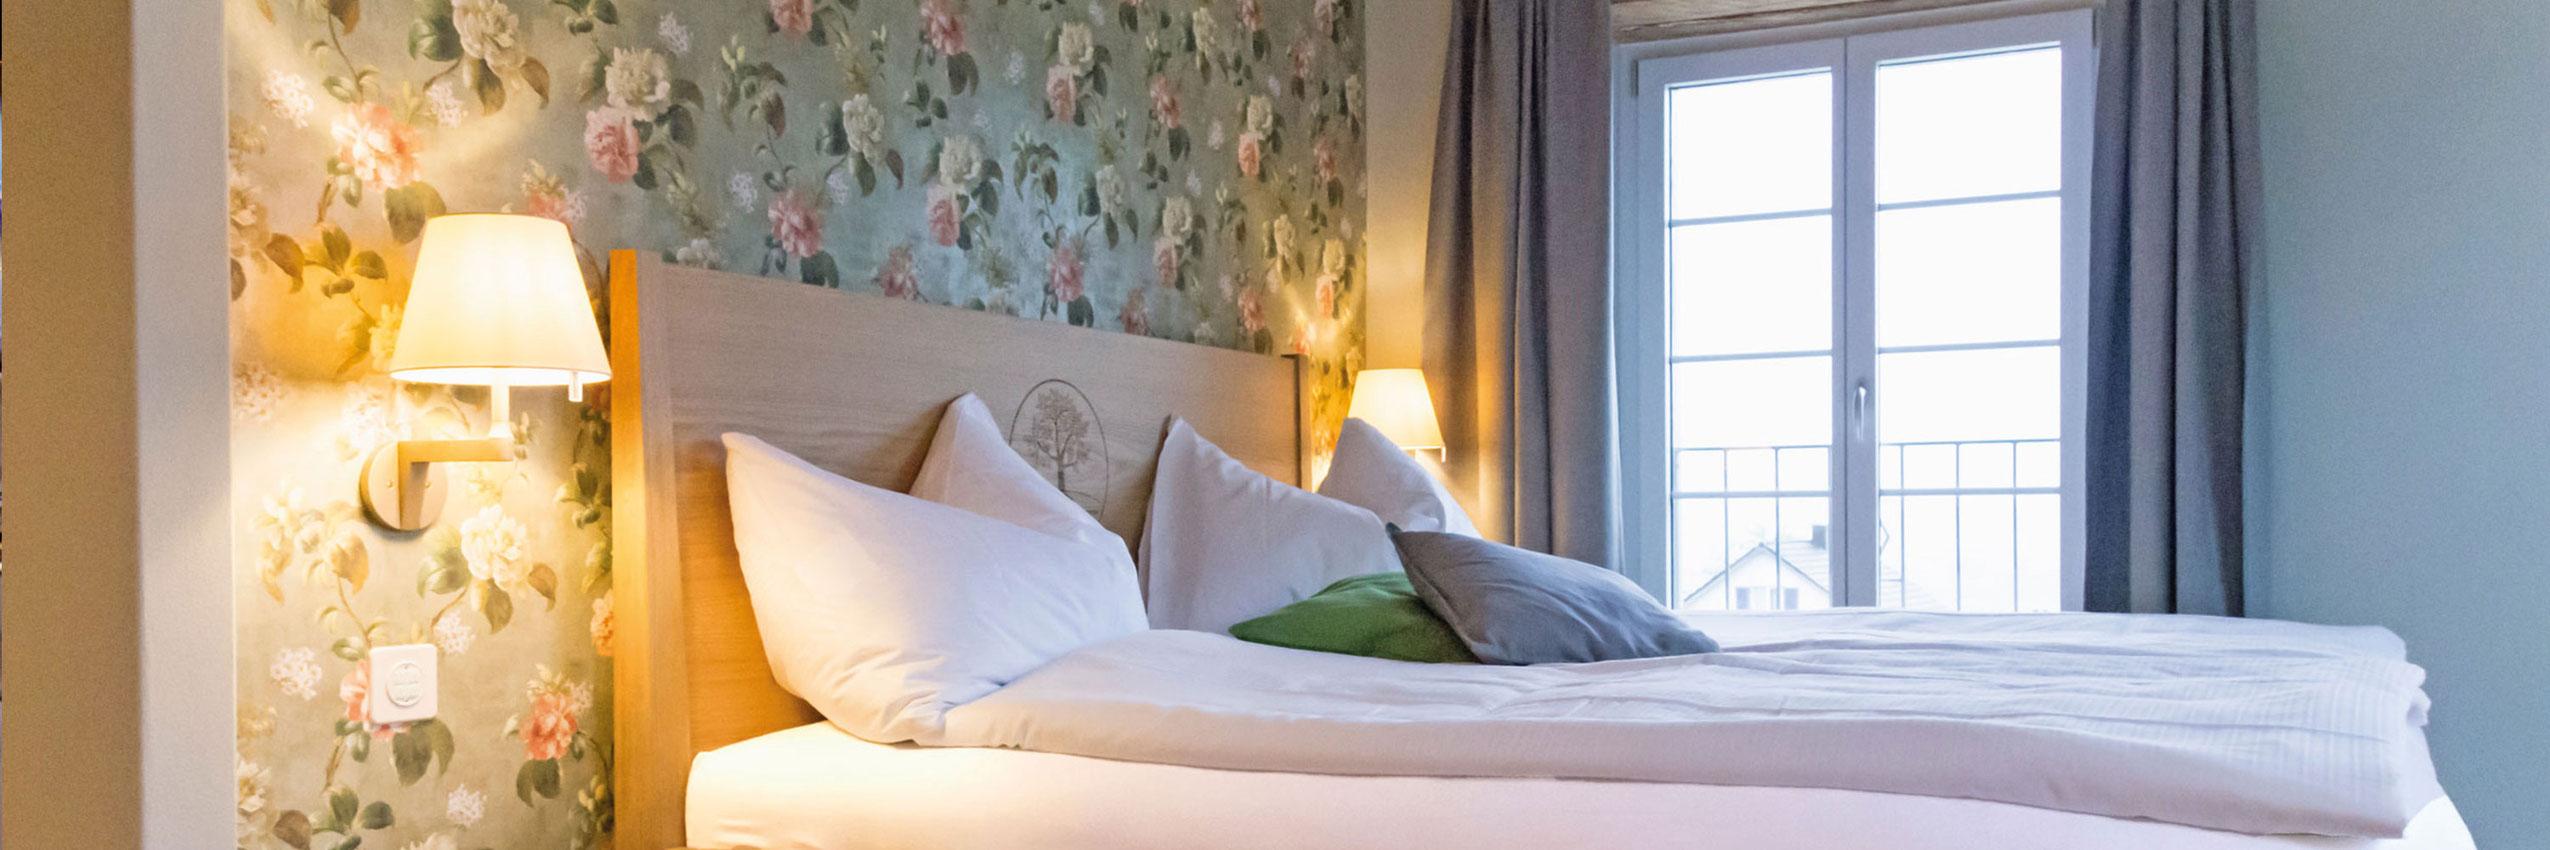 Hotelzimmer in der nähe von Zug, Zürich und Luzern